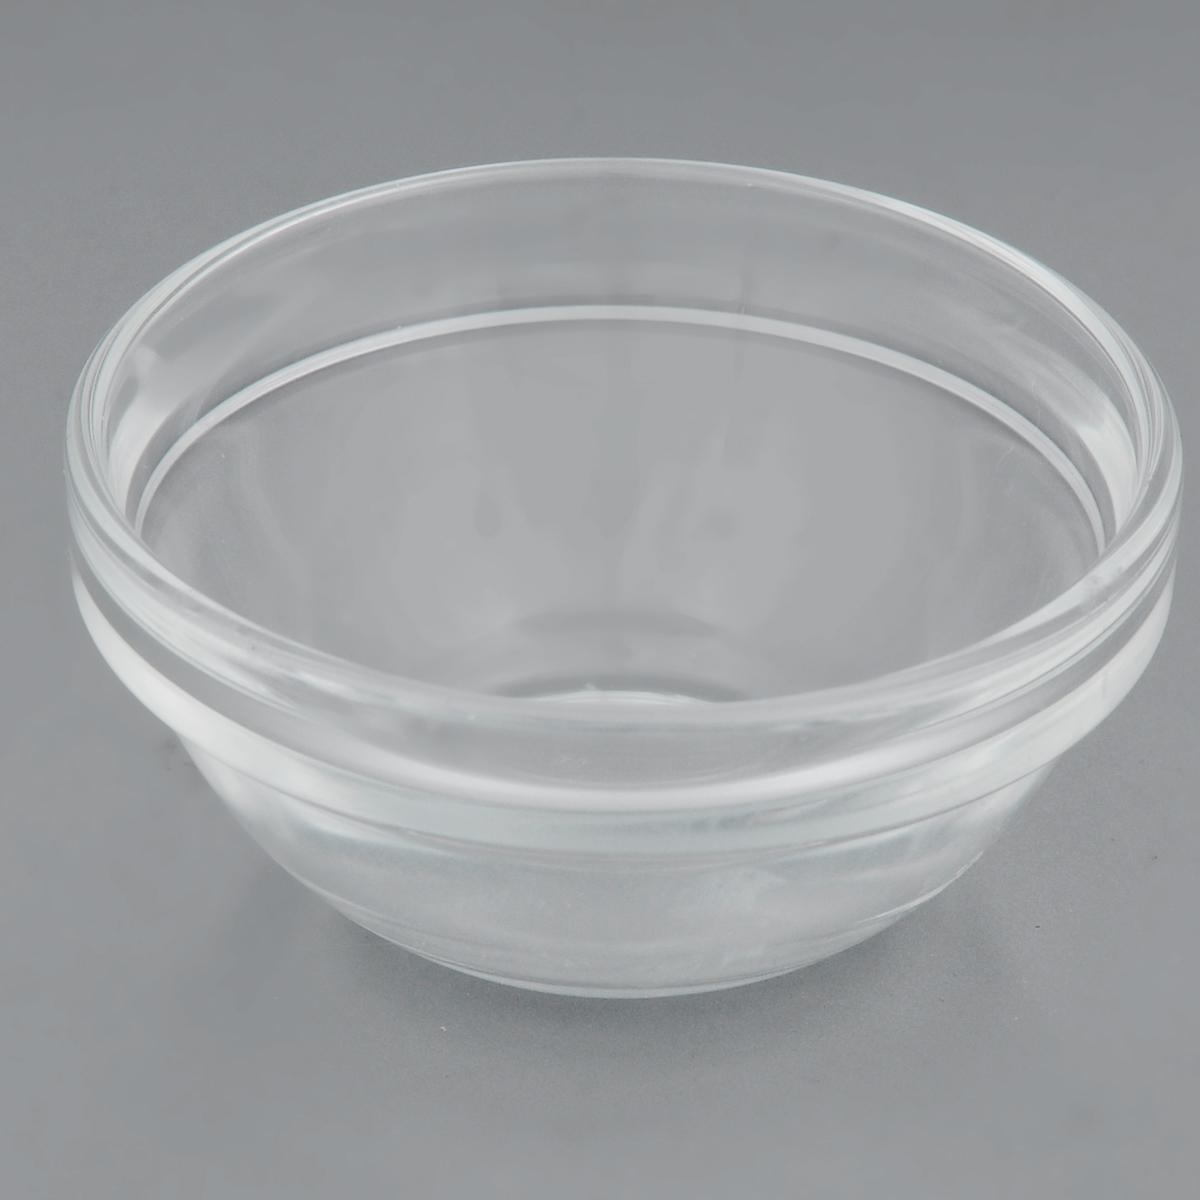 """Салатник Luminarc """"Удобное хранение"""", диаметр 7 см"""